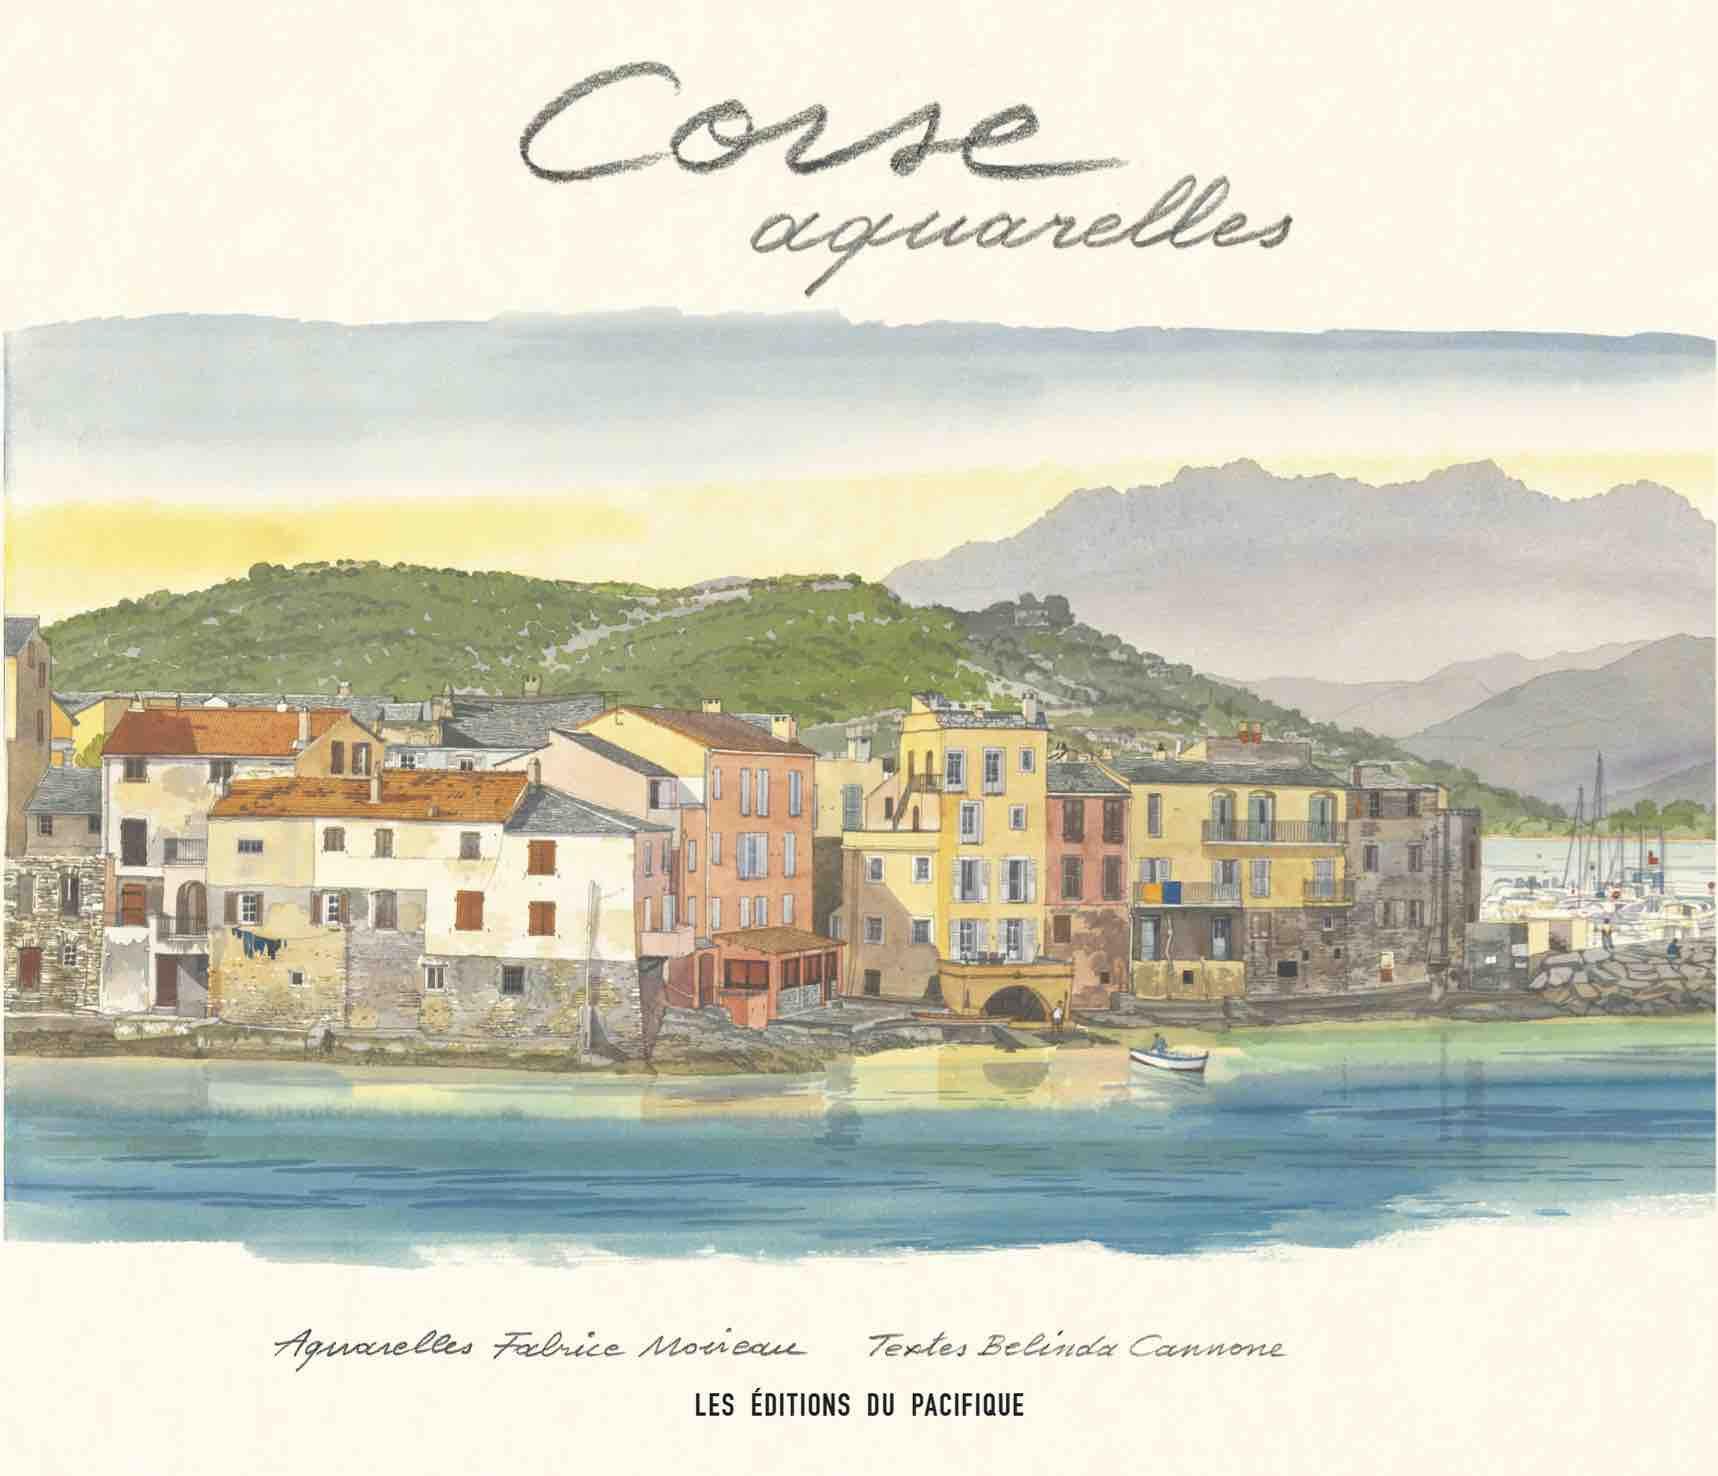 St. Florent Port et Ville, Watercolour by Fabrice Moireau, book cover Corse Aquarelles, text by Belinda Cannone